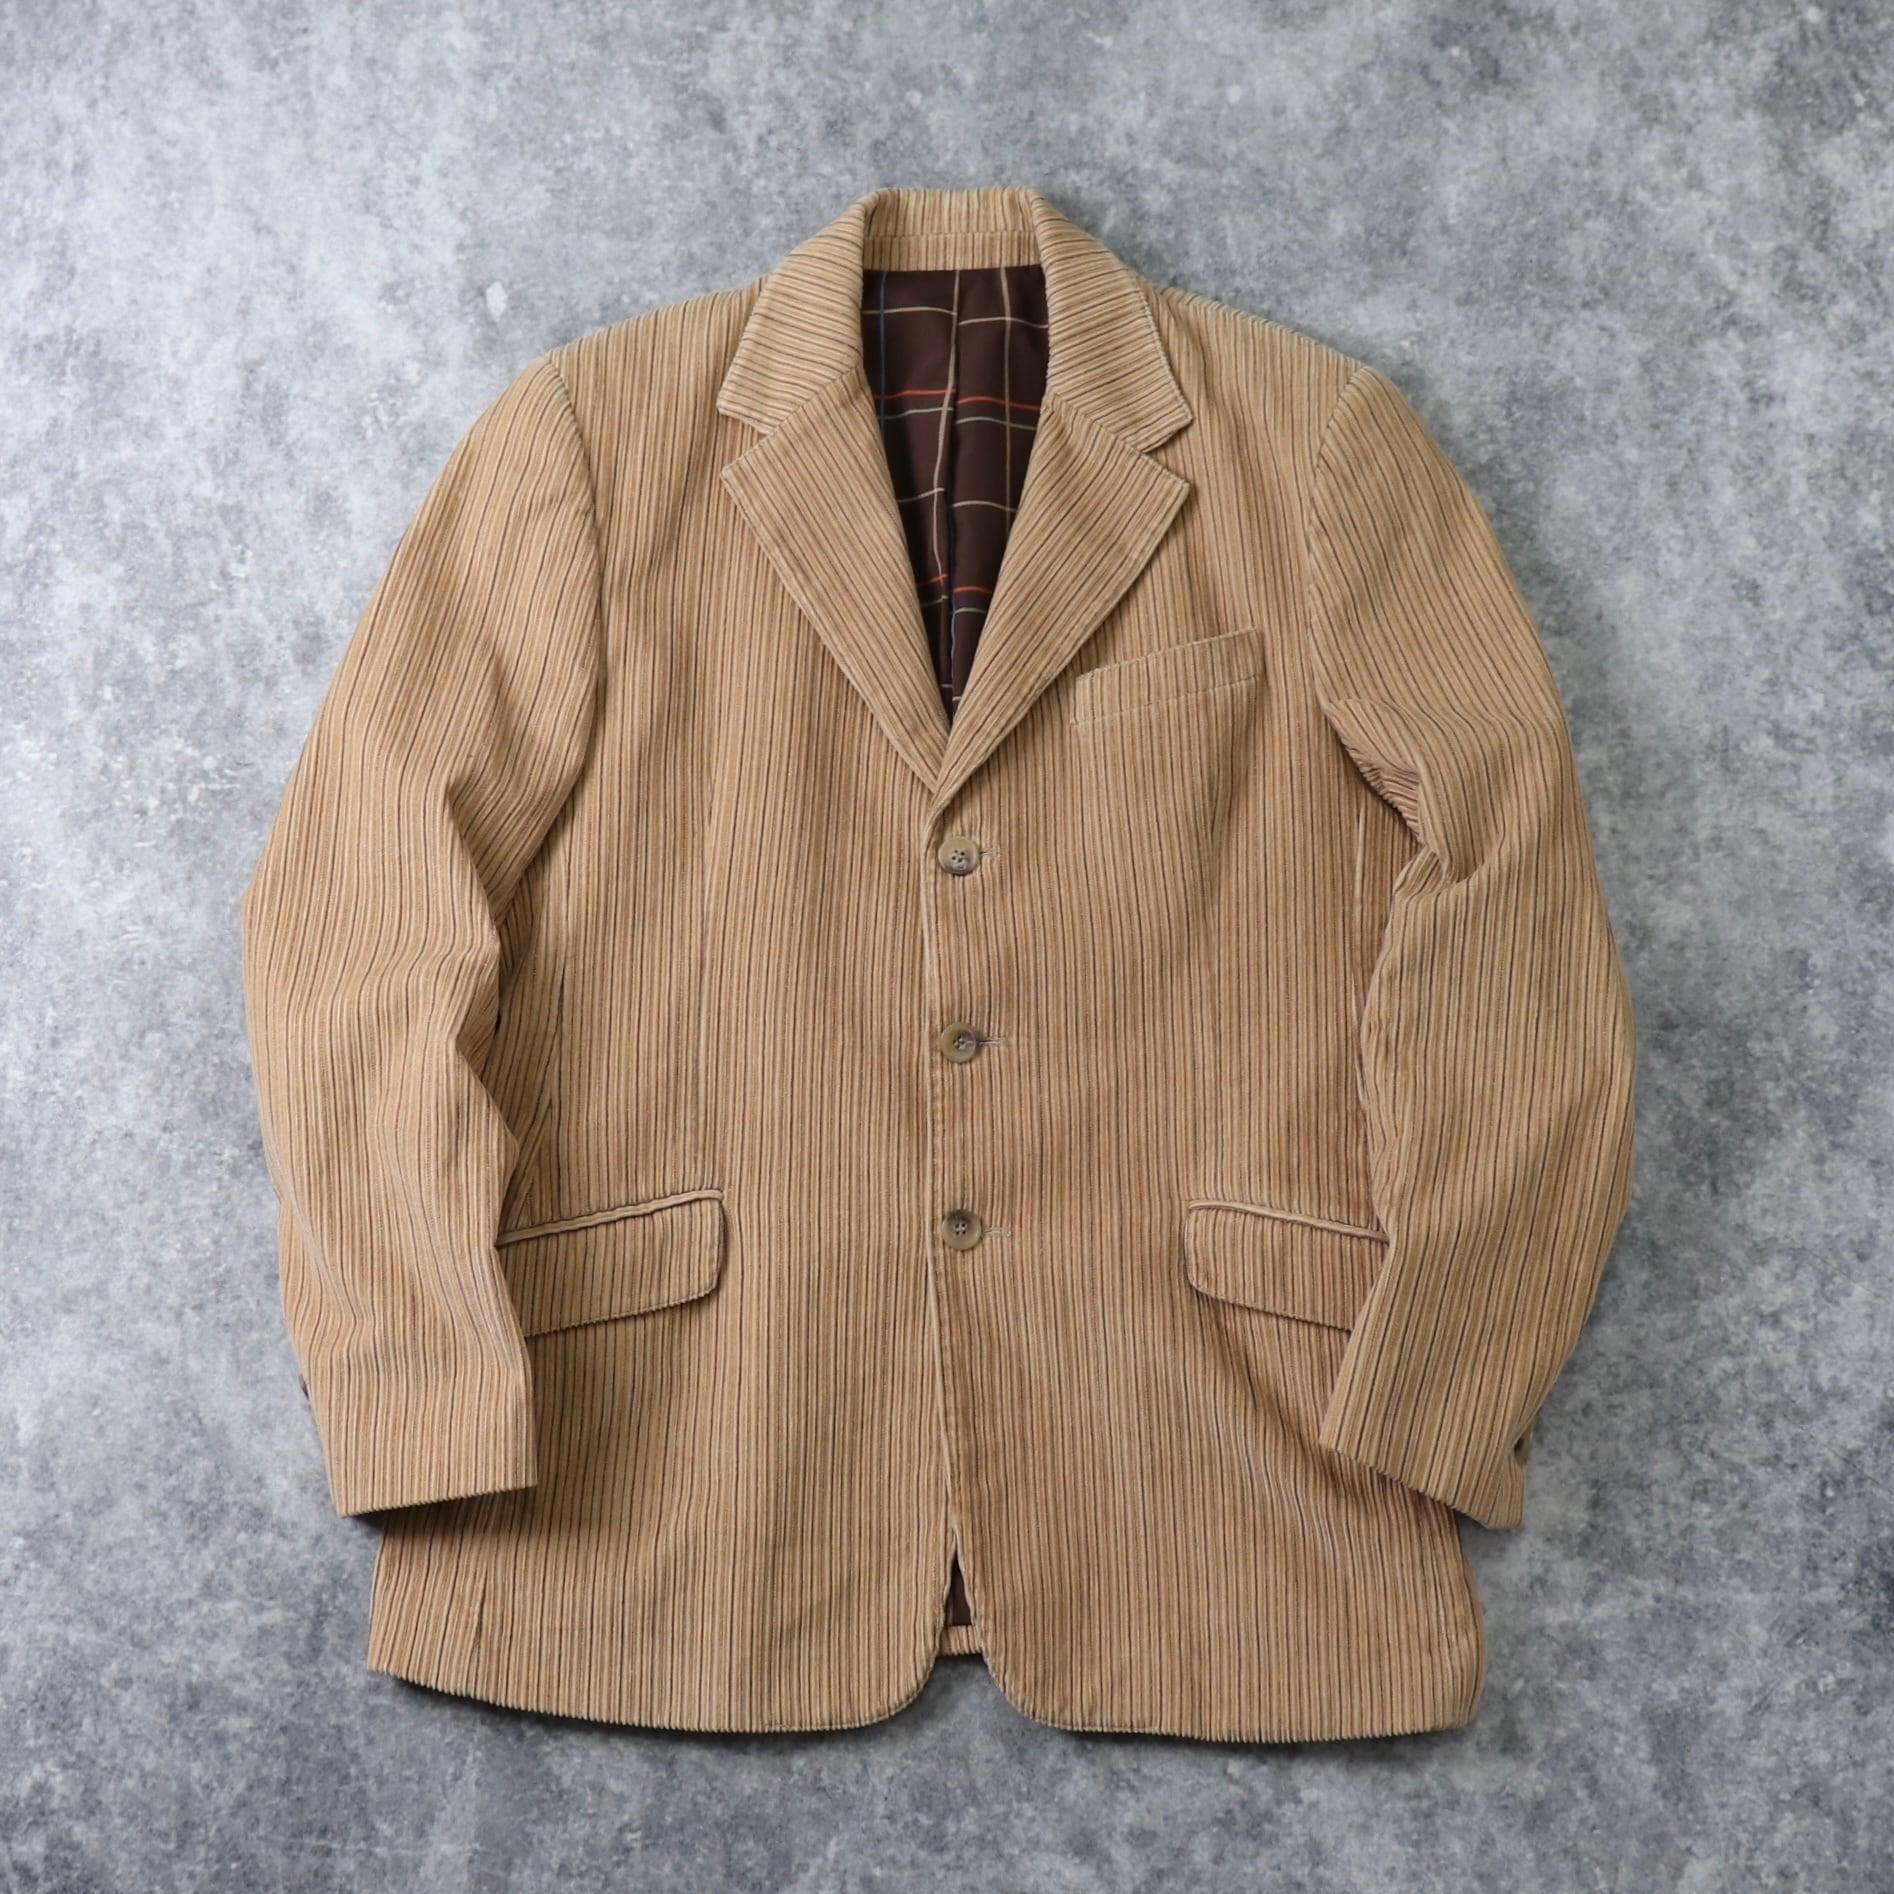 """"""" DOLCE & GABBANA """"   Corduroy  Tailored  Jacket   ドルチェ&ガッバーナ コーデュロイ テーラードジャケット イタリア製 古着 A666"""